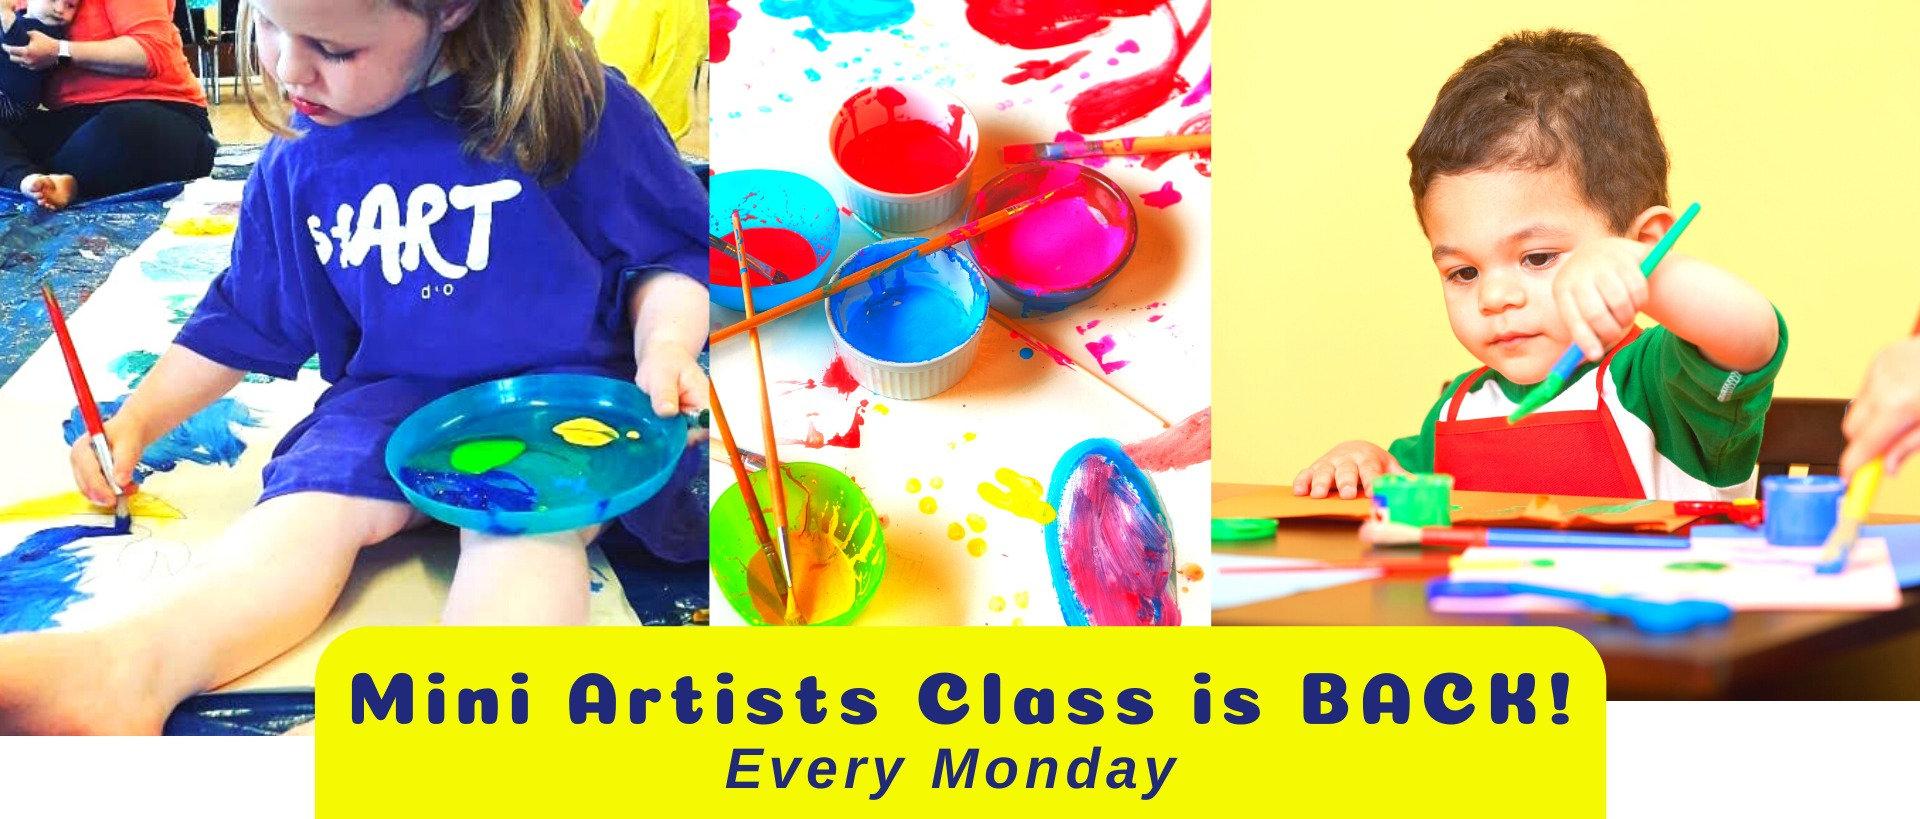 Mini Artist class